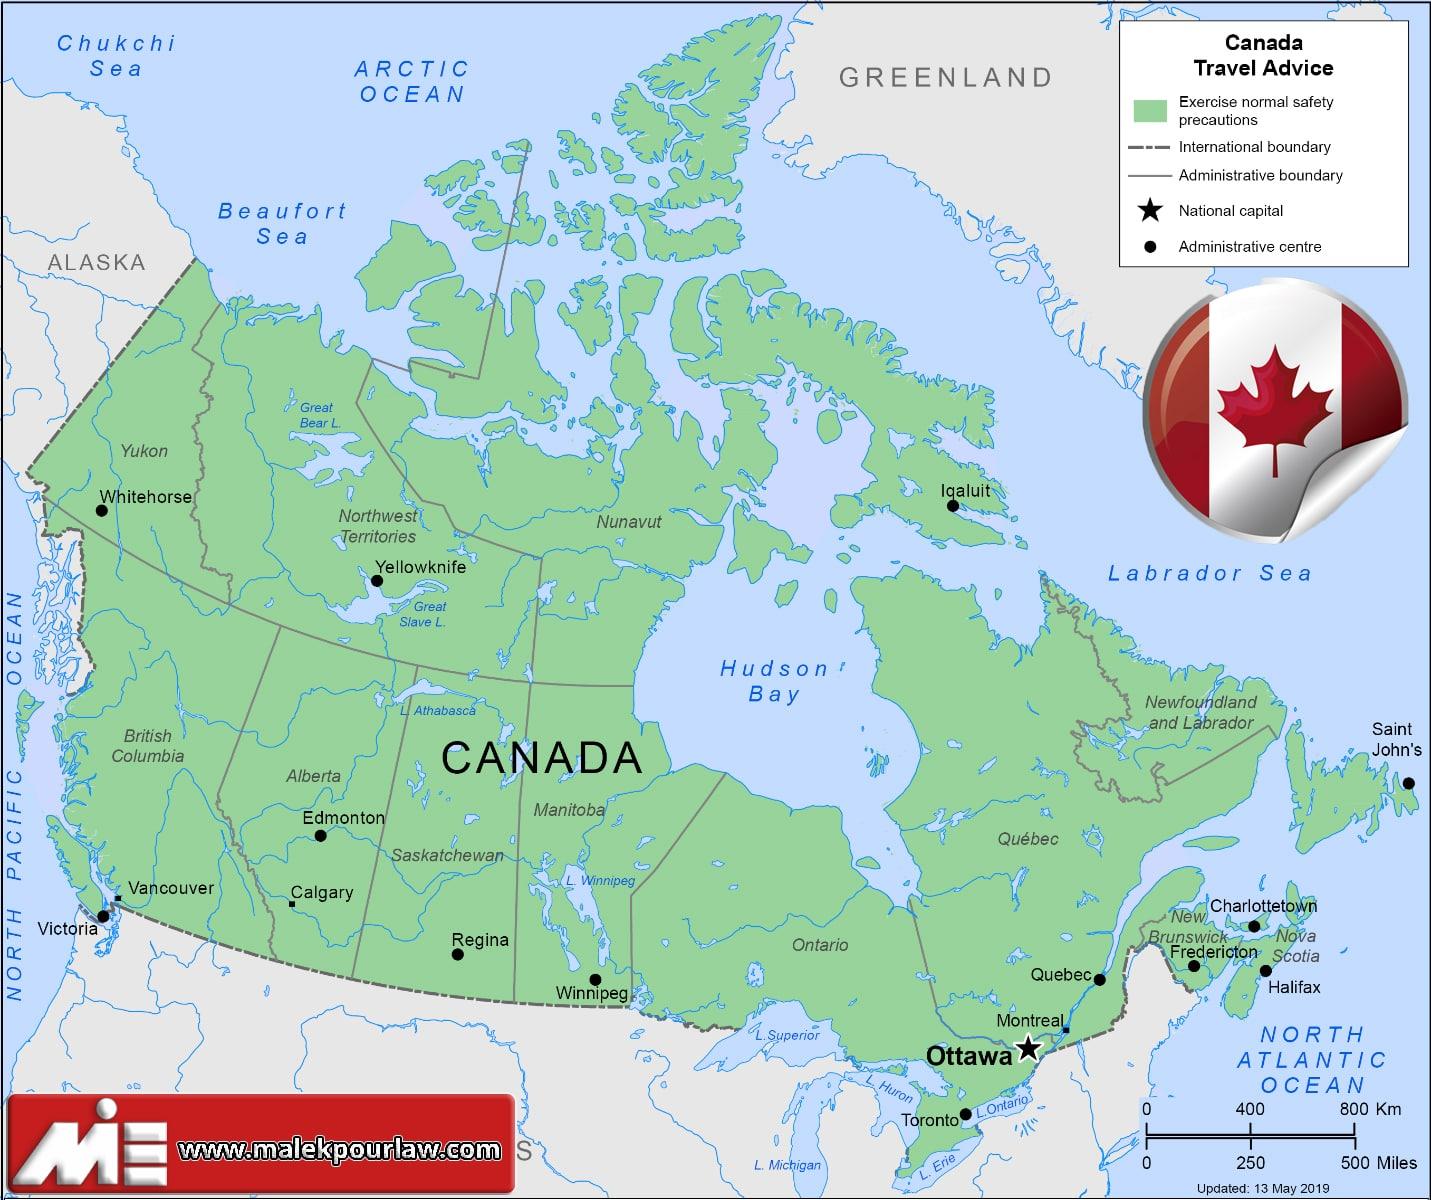 نقشه کانادا - مهاجرت به کانادا - اقامت کانادا - کانادا کجاست؟